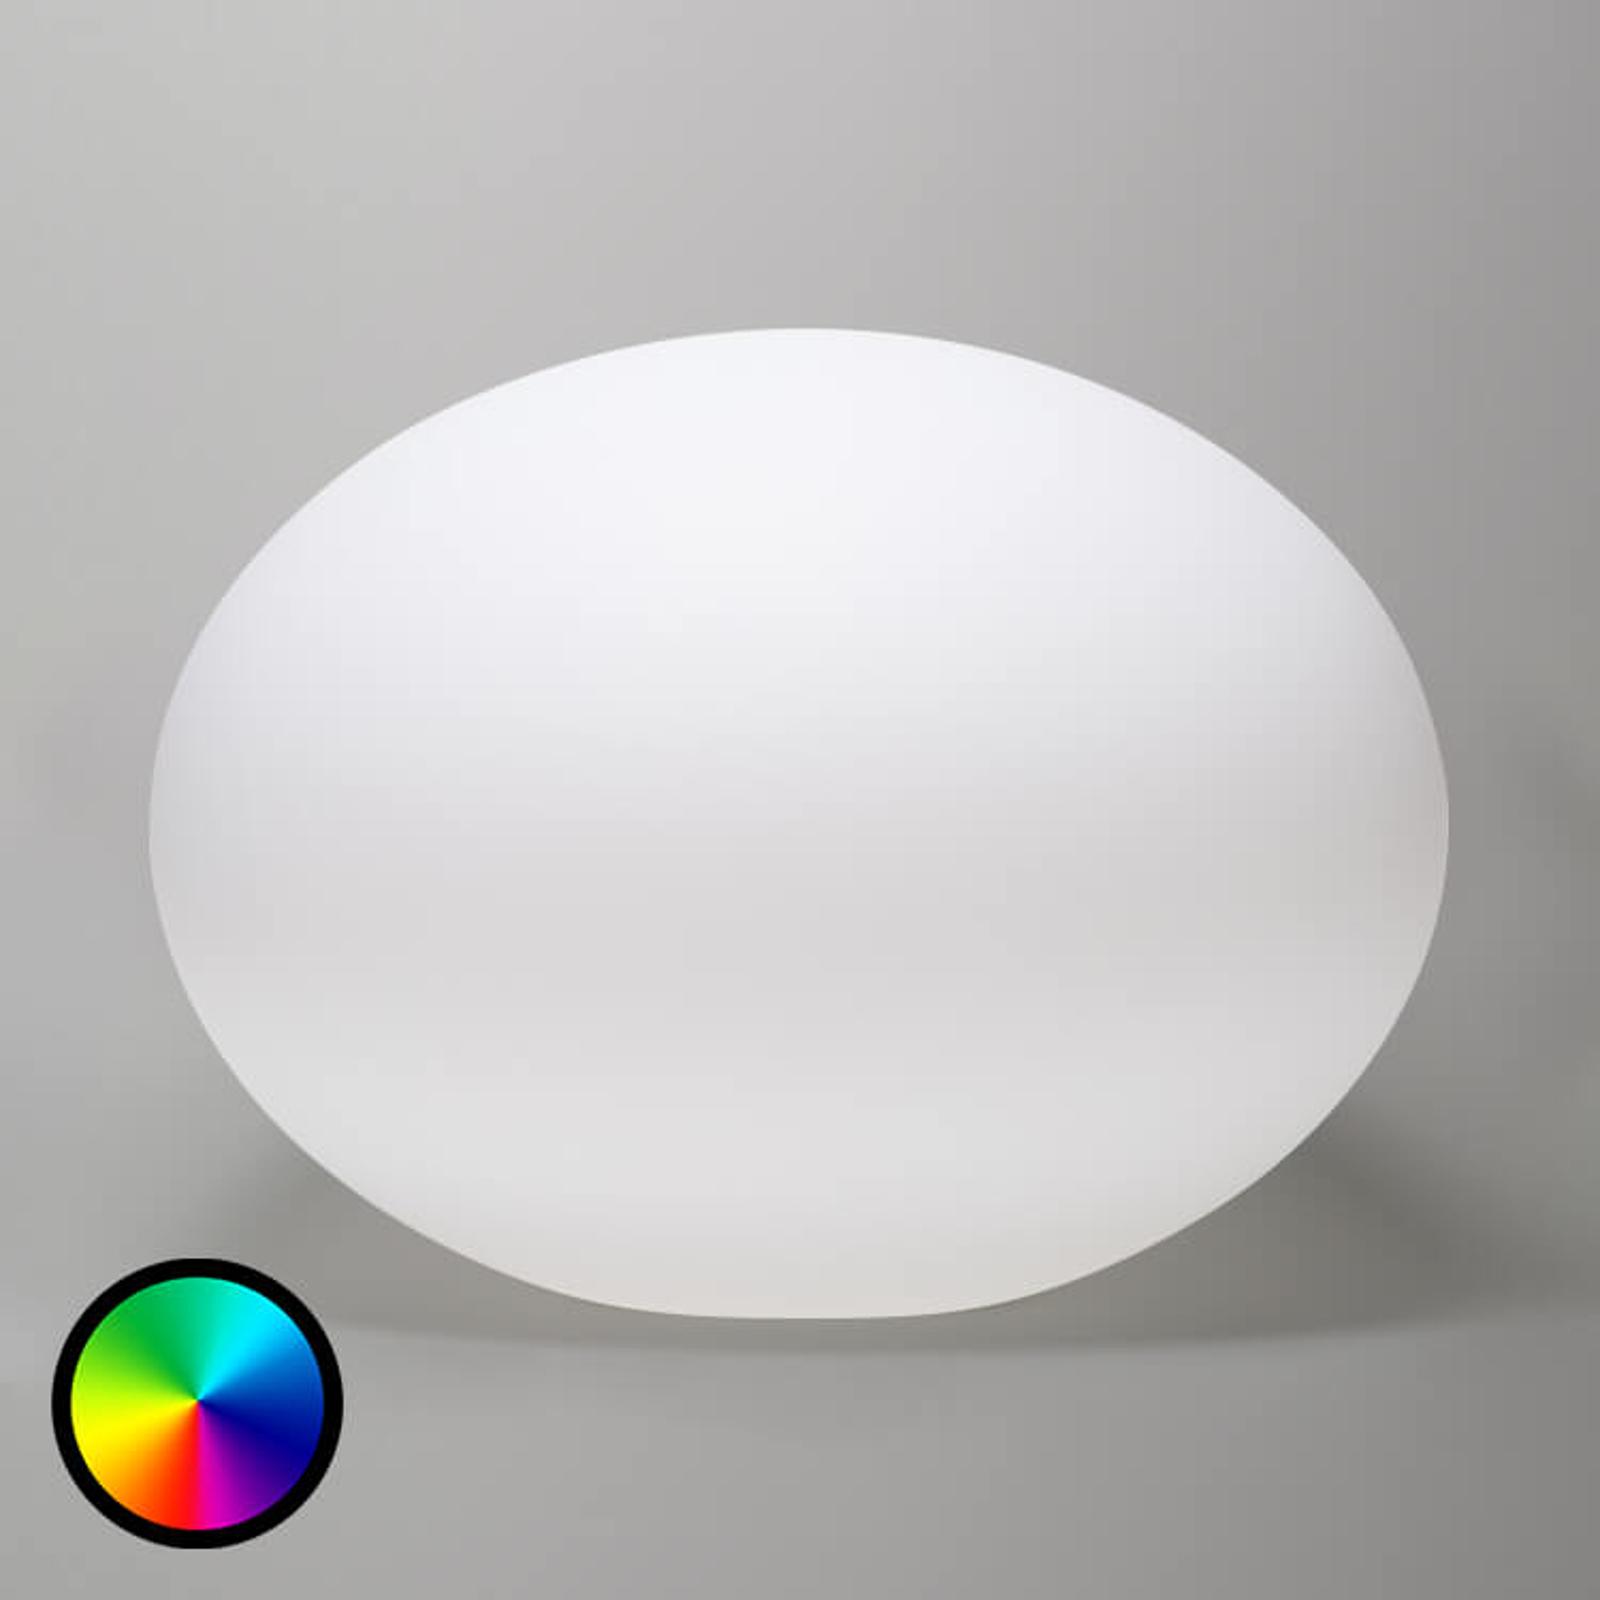 Flatball - schwimmfähige LED-Dekorationsleuchte